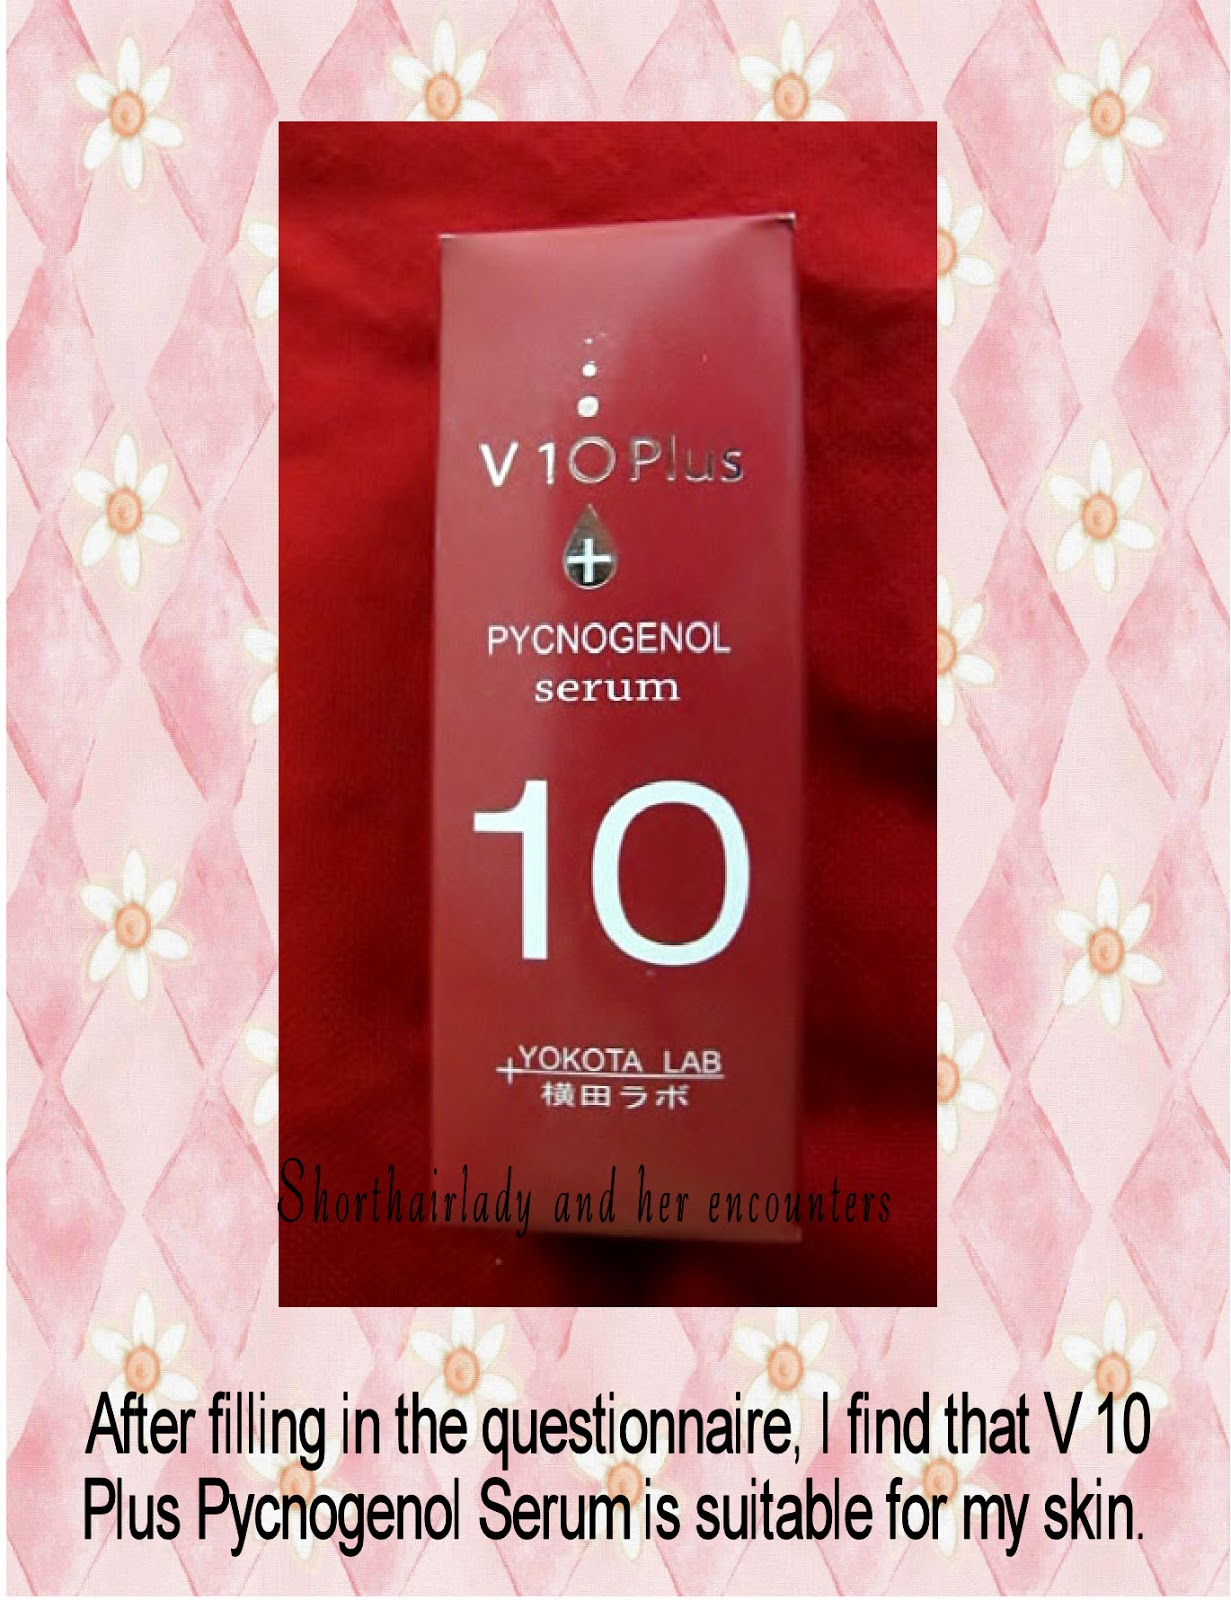 Shorthairlady Her Encounters Review Of V 10 Plus Pycnogenol Serum